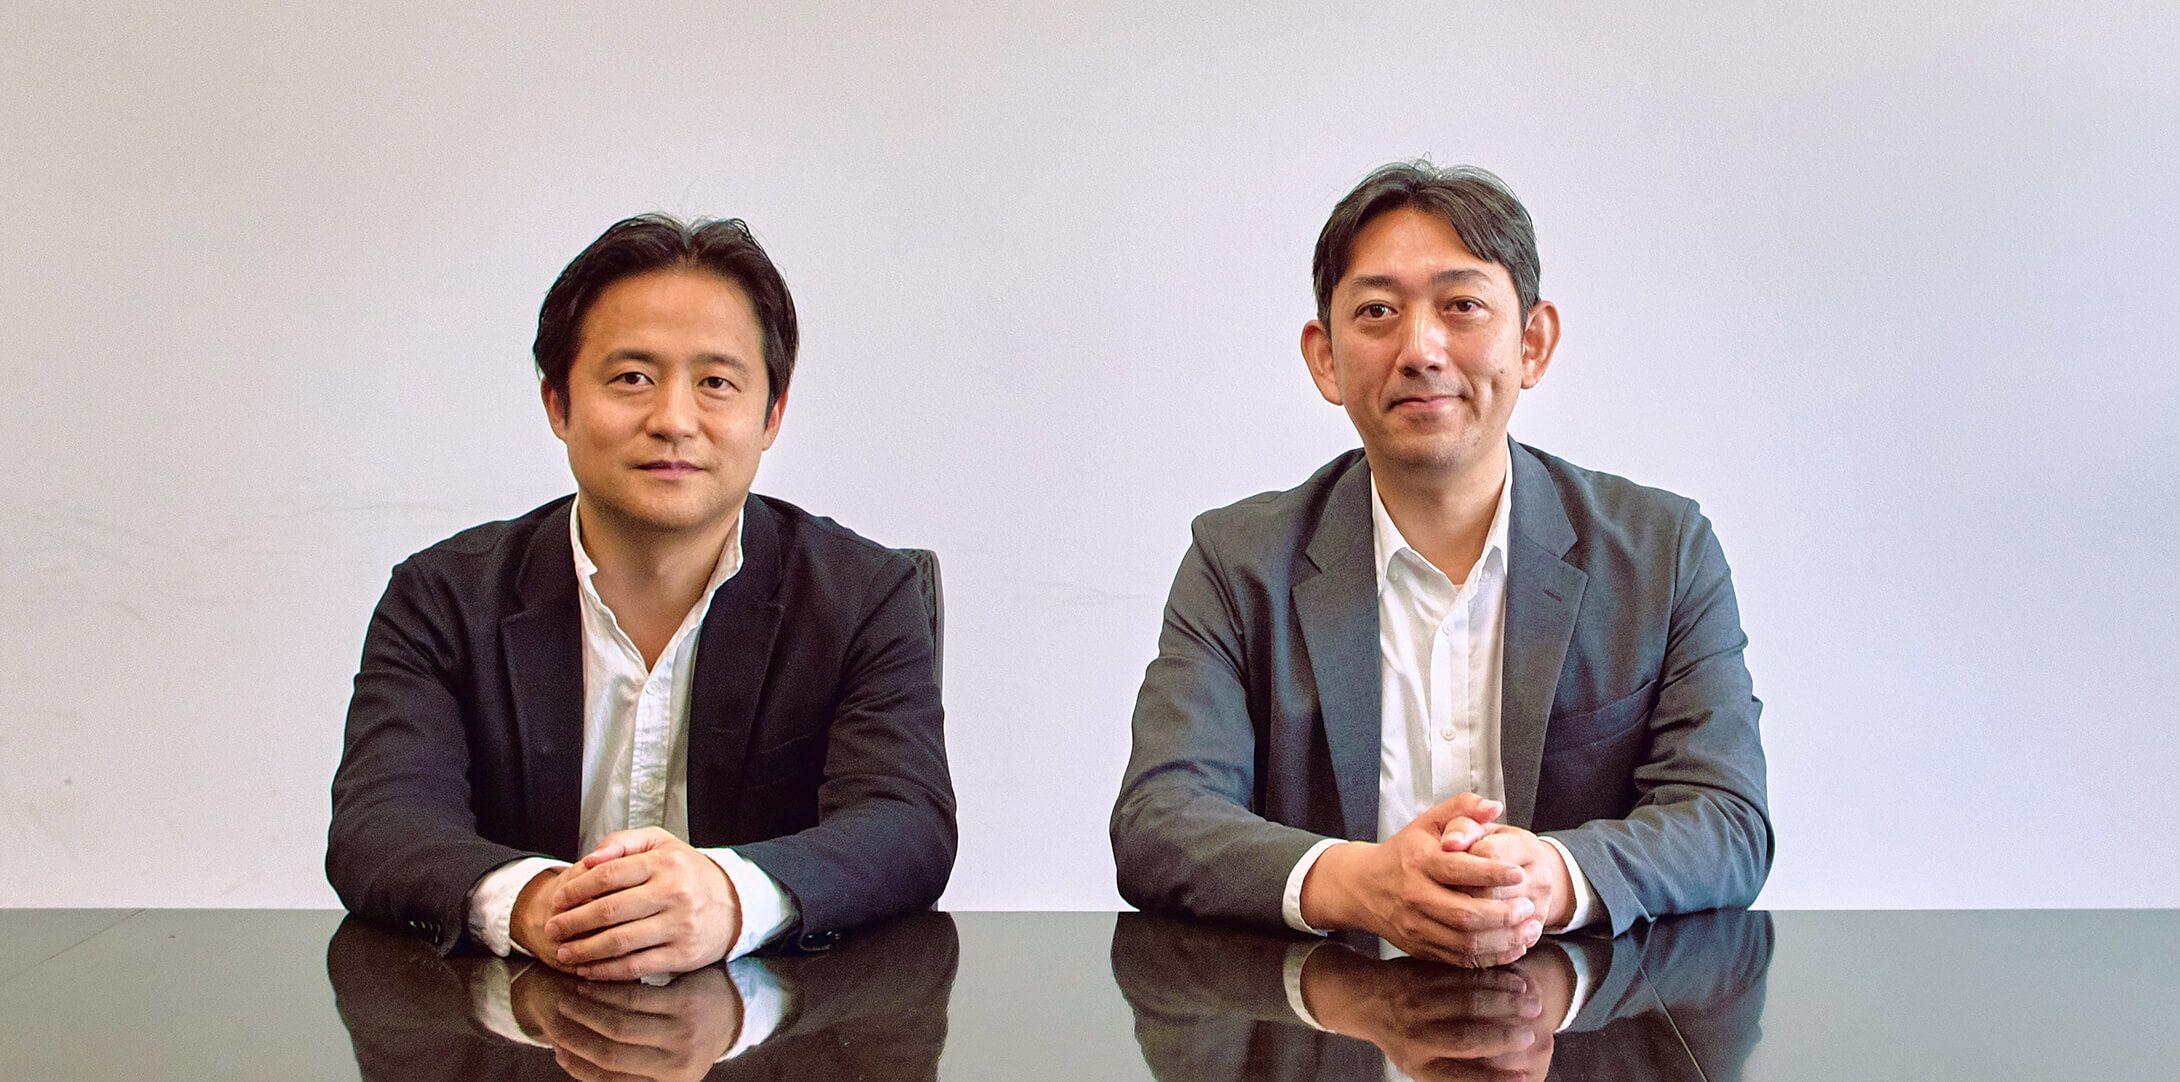 【対談】占部伸一郎さんと考える「人的資本」の高め方-後編